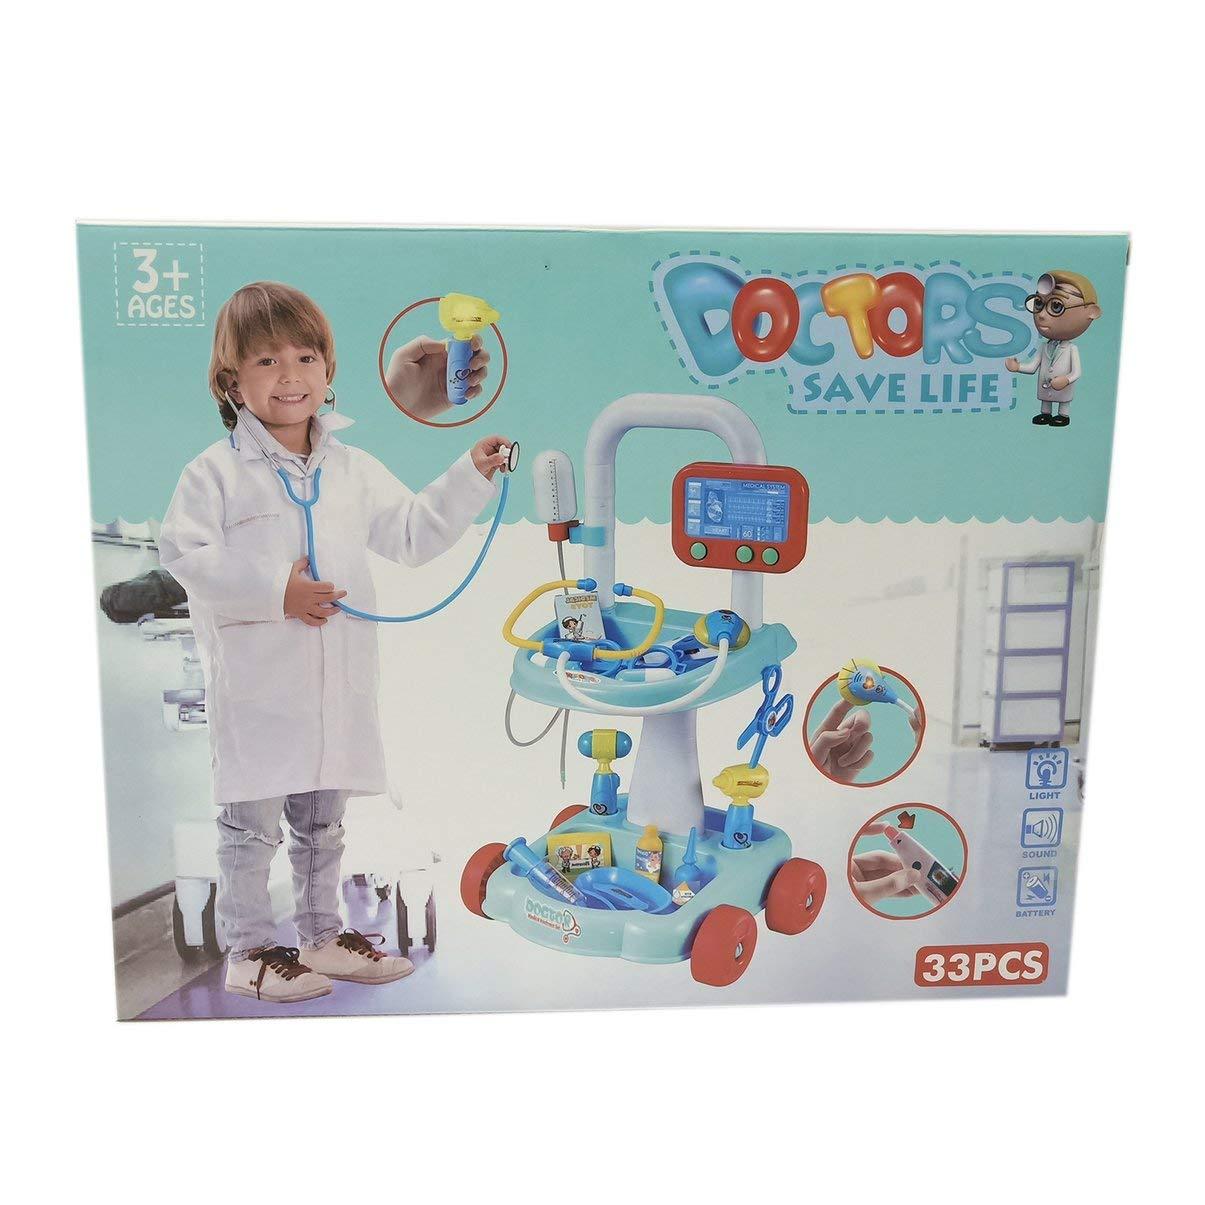 JullyeDEgant Krankenhaus Kinder Spielzeug Kit Pretend Play Arzt Spielzeug für Kinder Rollenspiel Klassisches Spielzeug